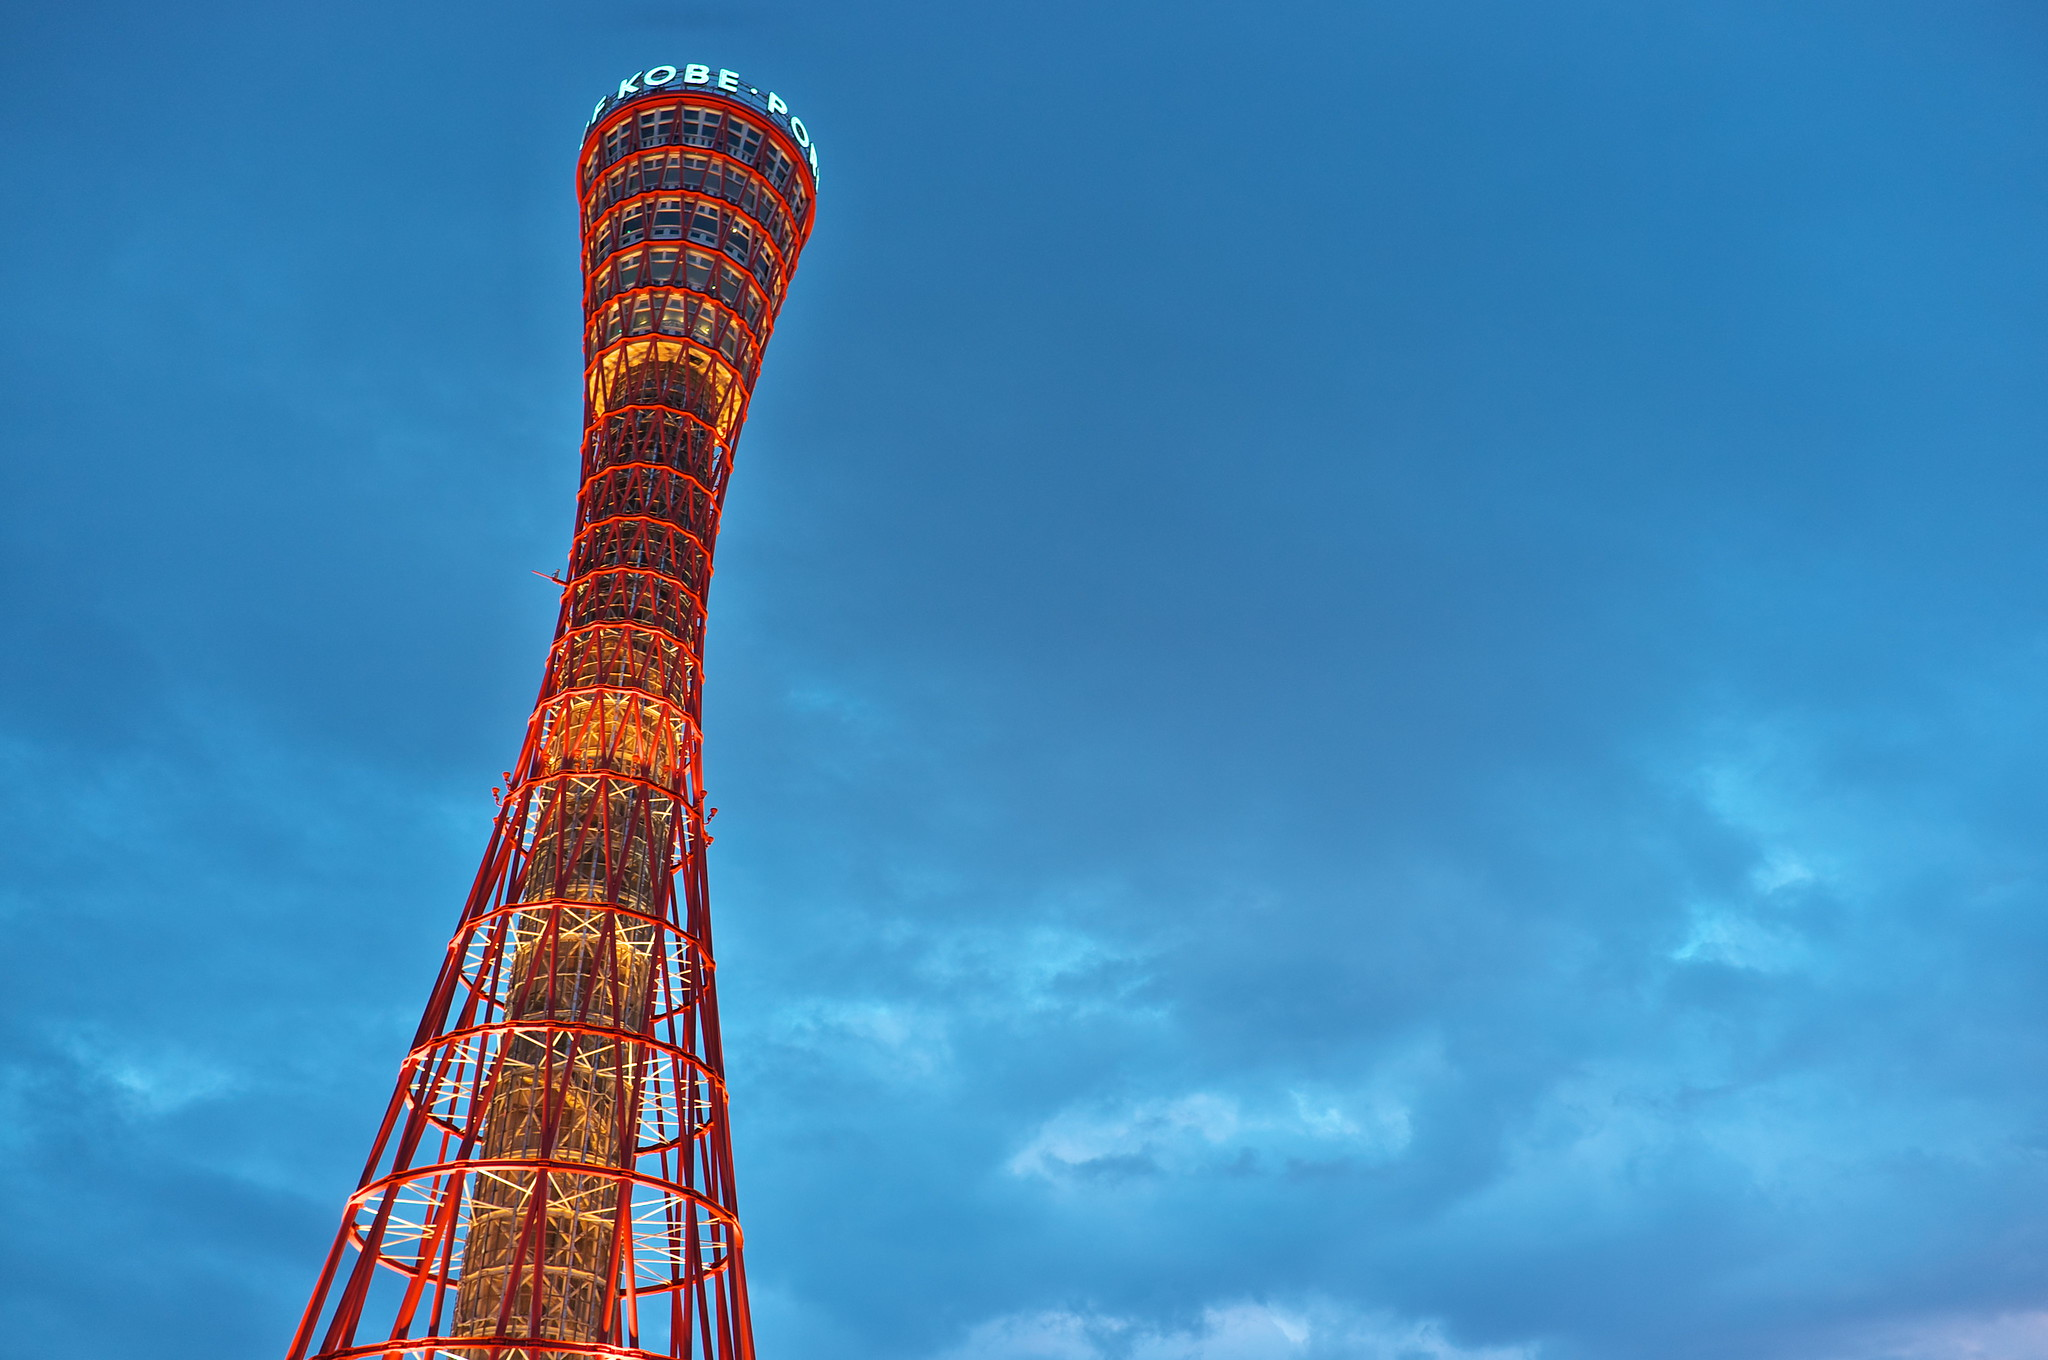 10 Things to do in Kobe, Japan 2